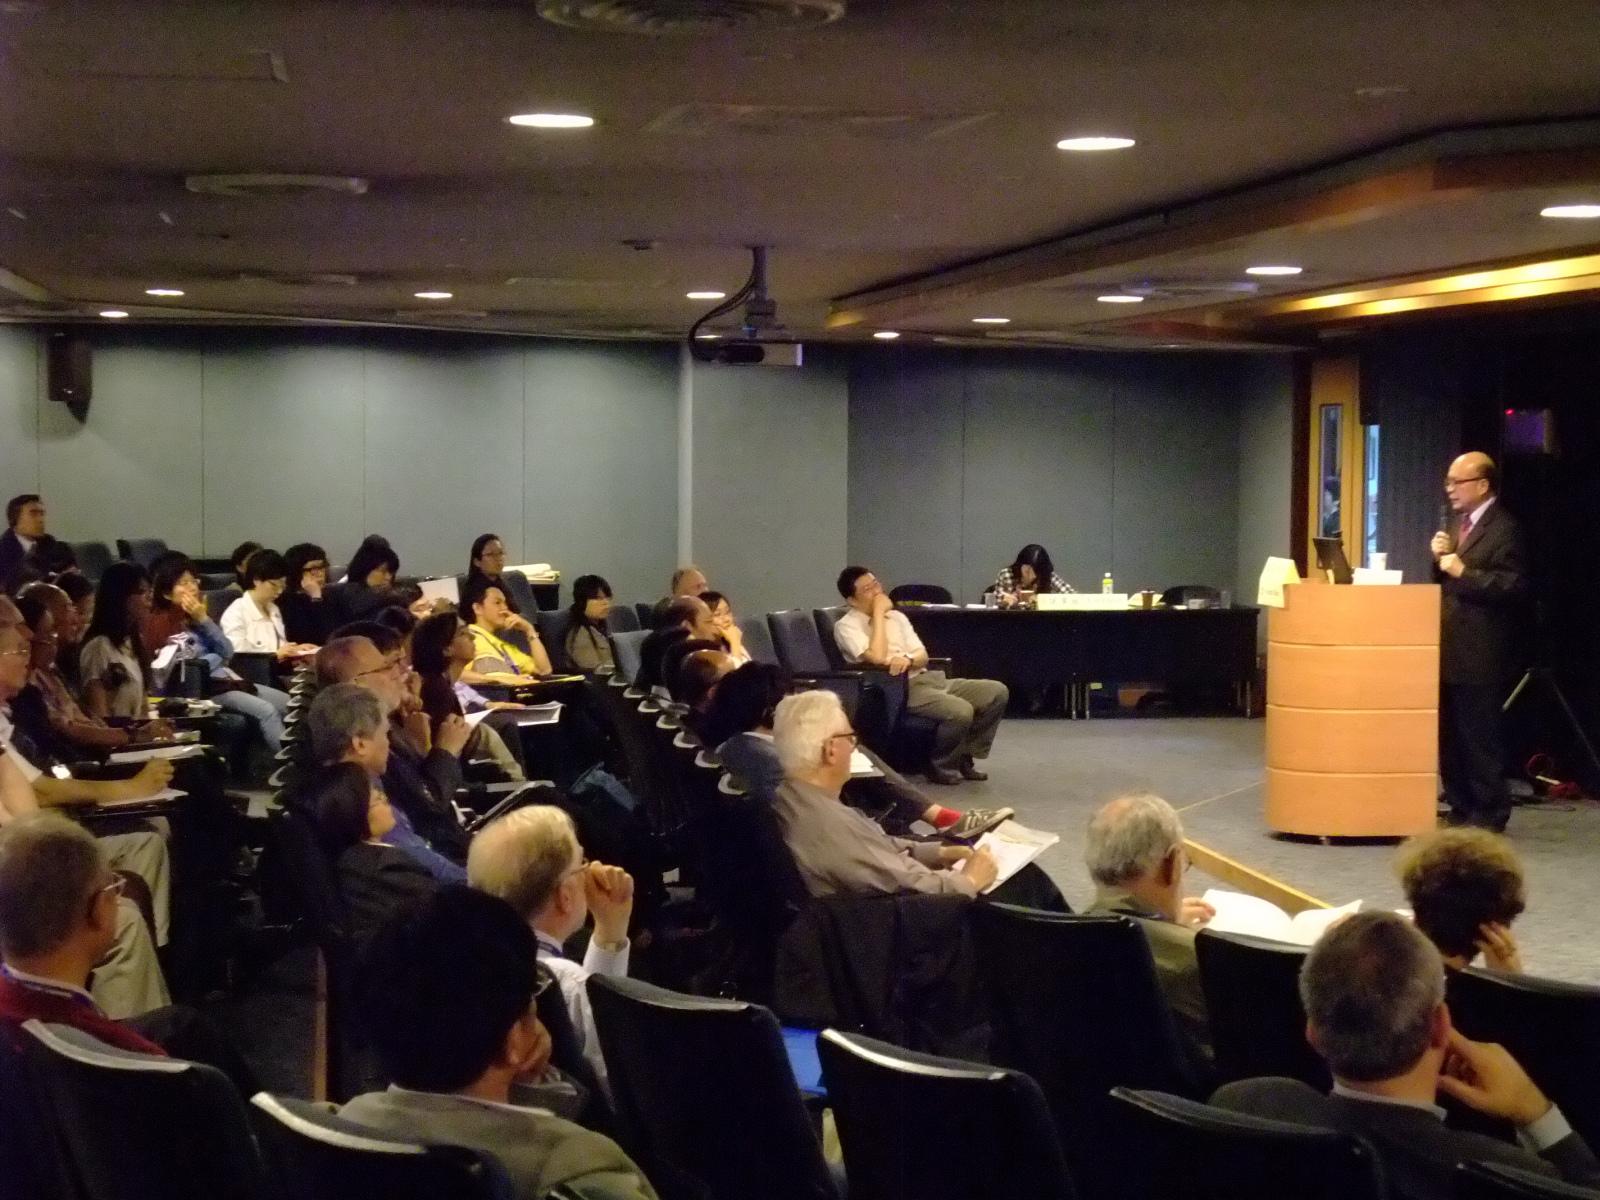 201004紀念利瑪竇逝世四百週年國際學術研討會-25